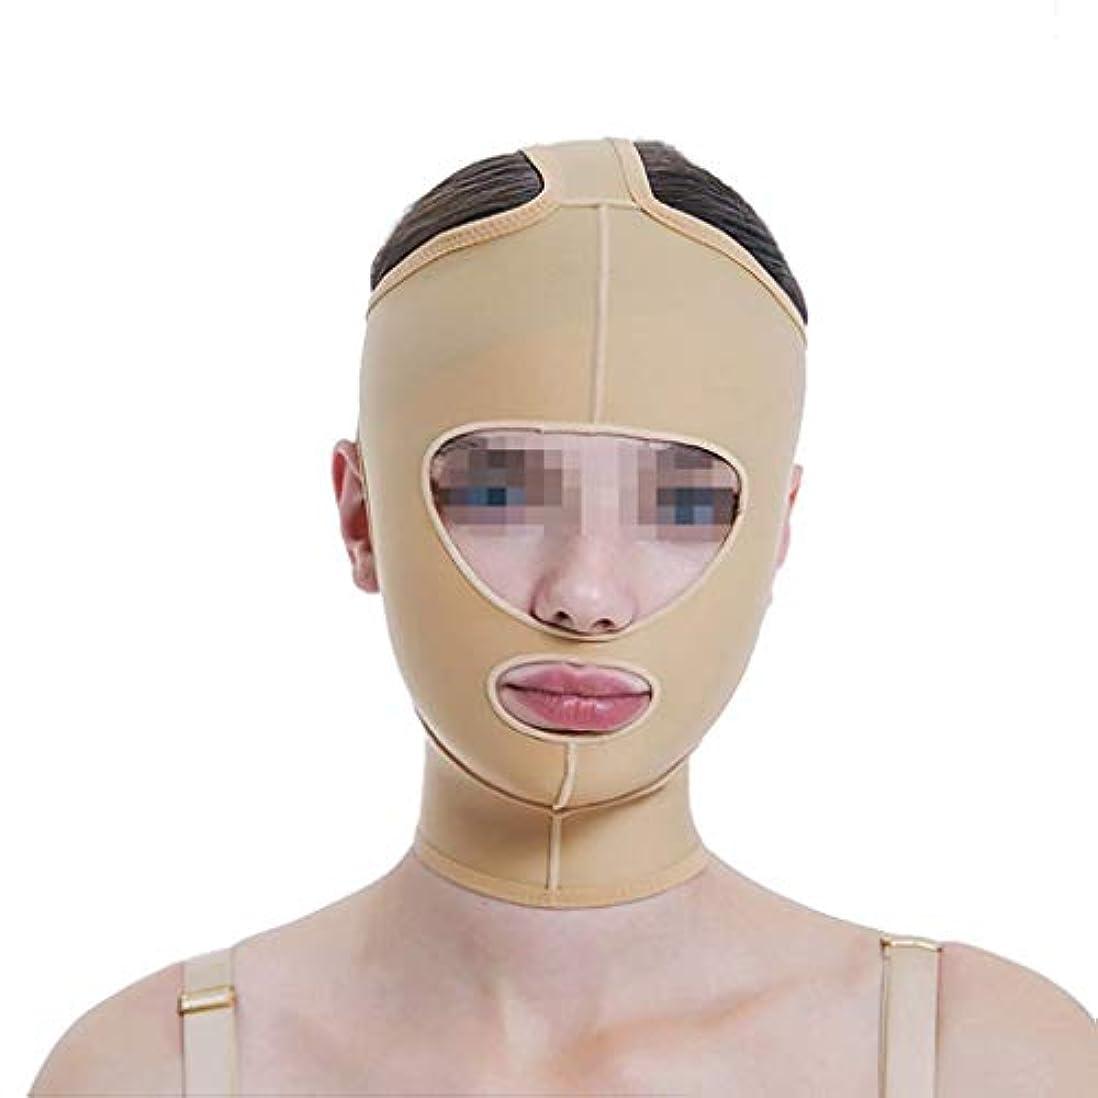 有益なニコチン夫フェイスリフトマスク、ラインカービングフェイスエラスティックセットシンダブルチンVフェイスビームフェイスマルチサイズオプション(サイズ:XS)